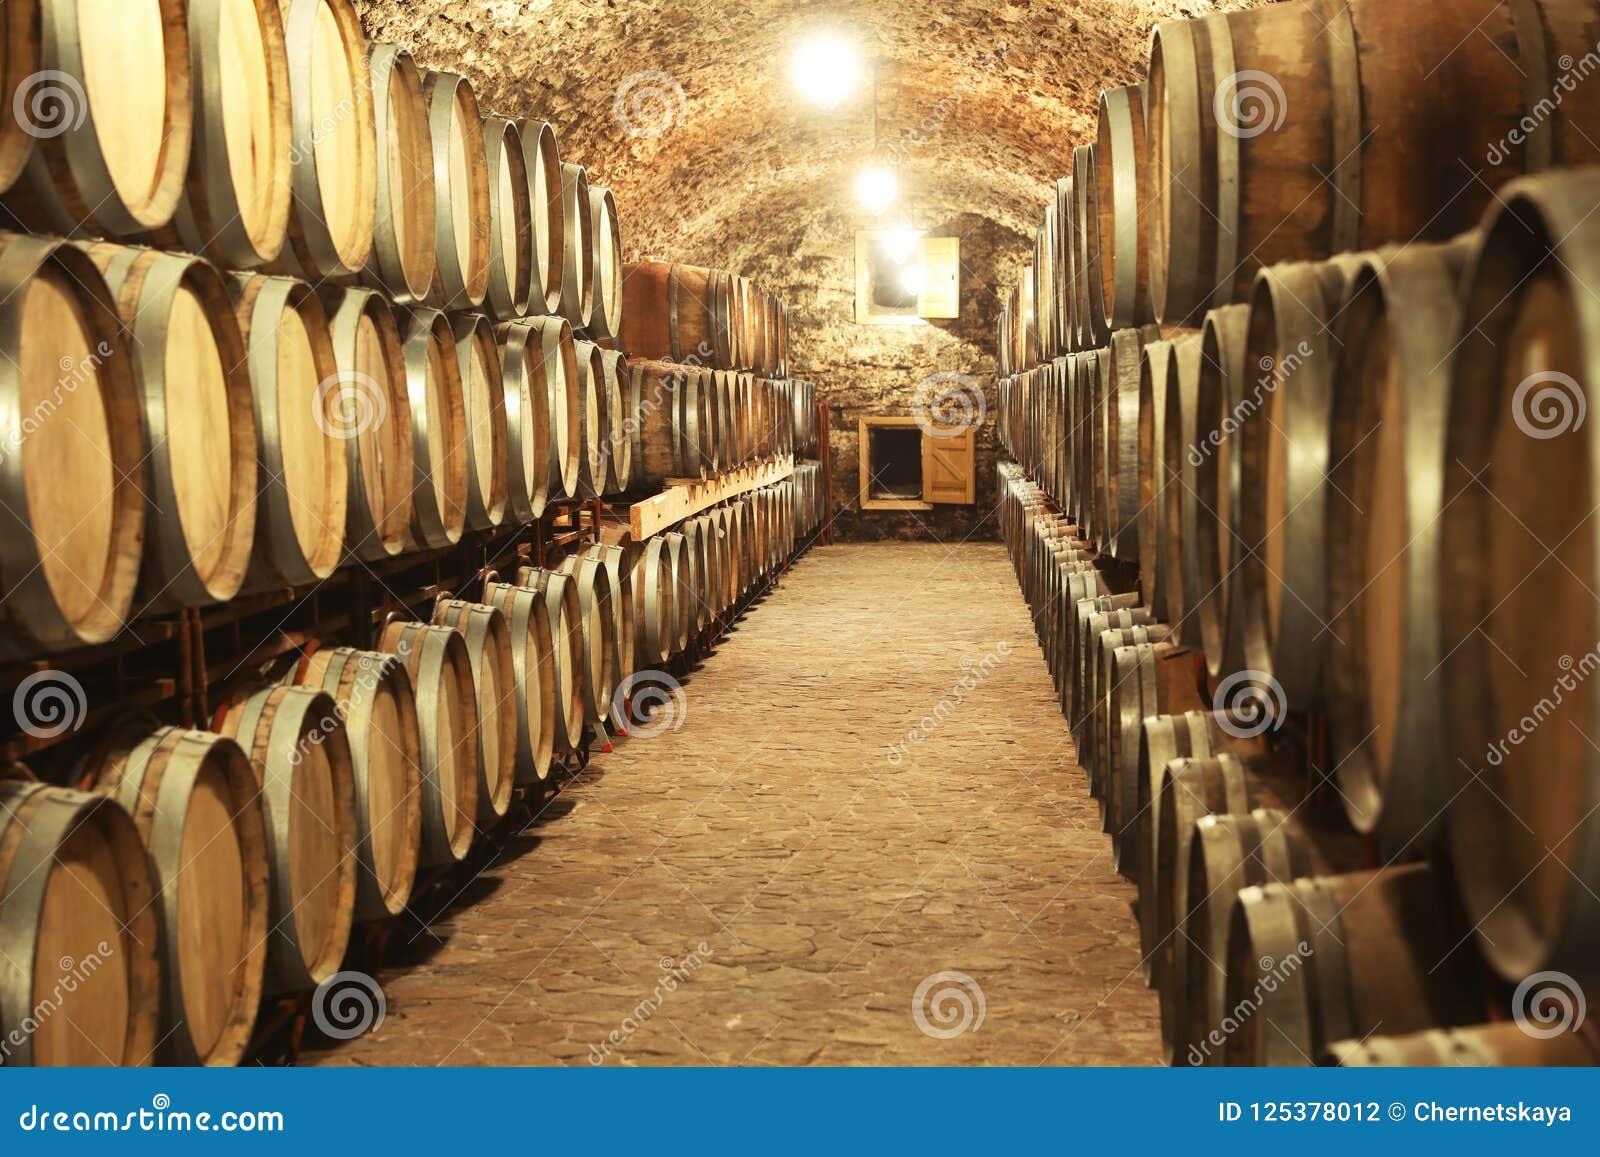 与大桶的葡萄酒库内部